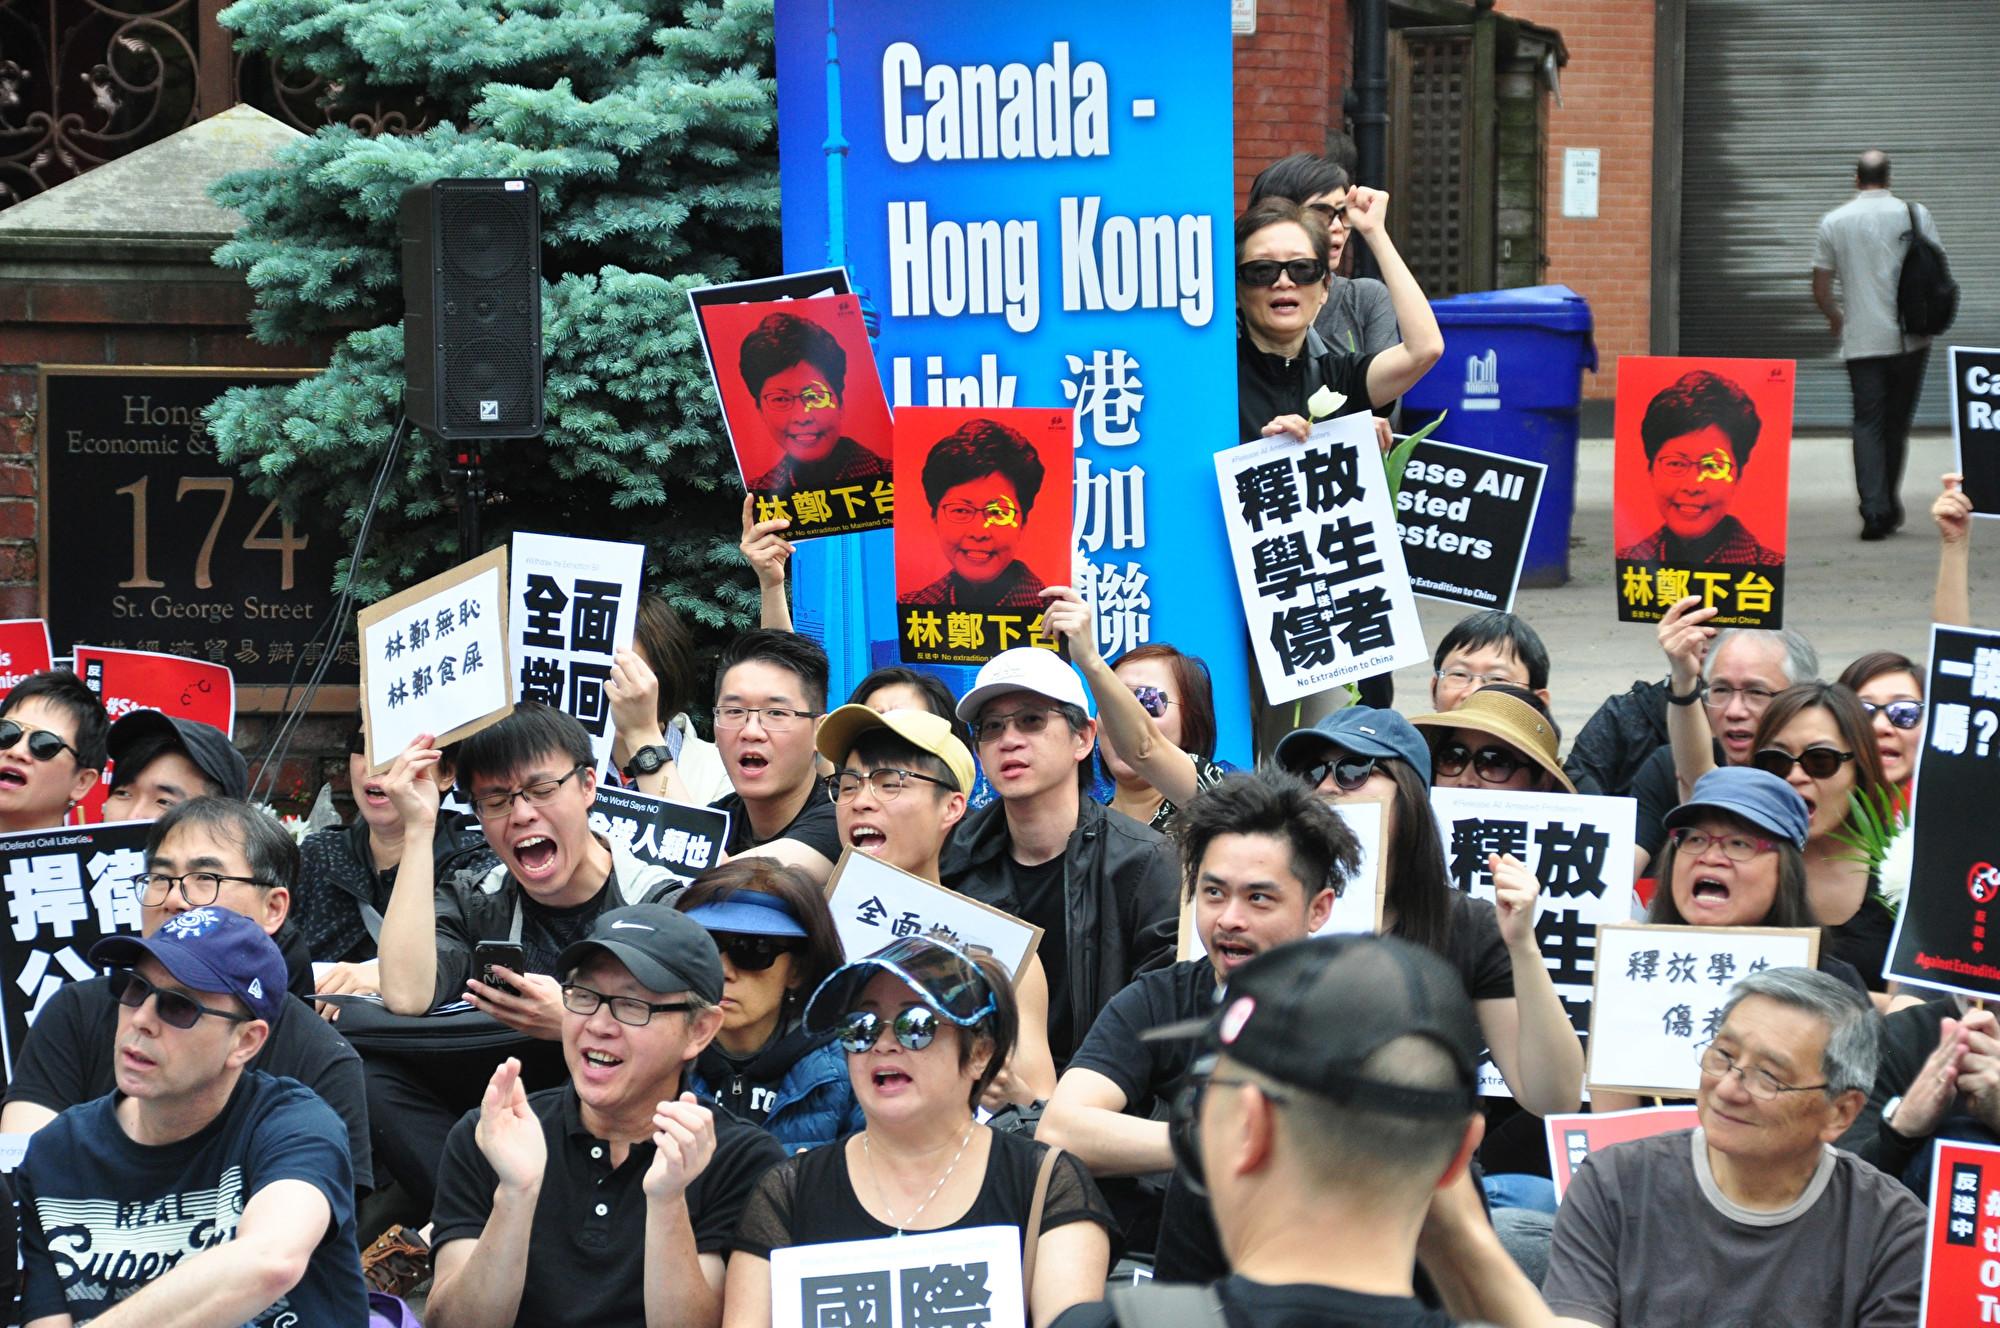 多倫多數百人集會聲援香港「反送中」